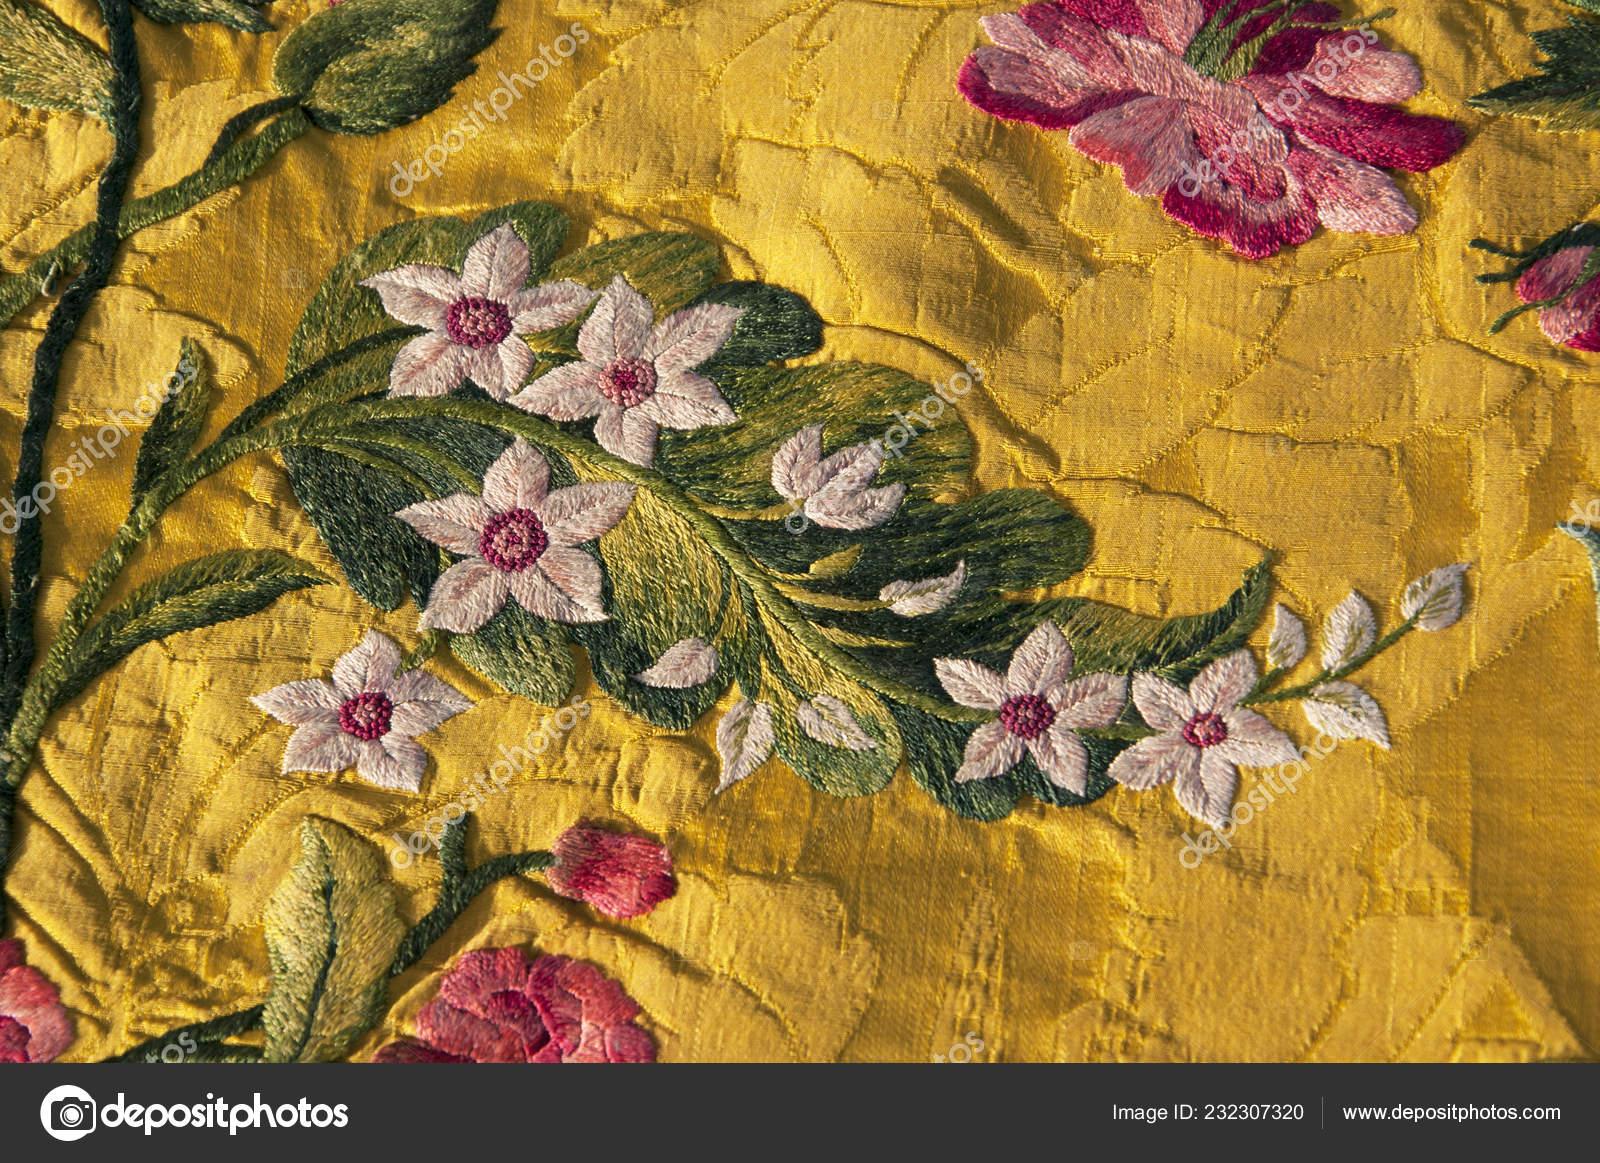 Эта вышивка XVIII века встречается от 1740 находится в моей коллекции. Я  приобрел это 30 лет назад. Он был датирован экспертом и был частью передней  части ...